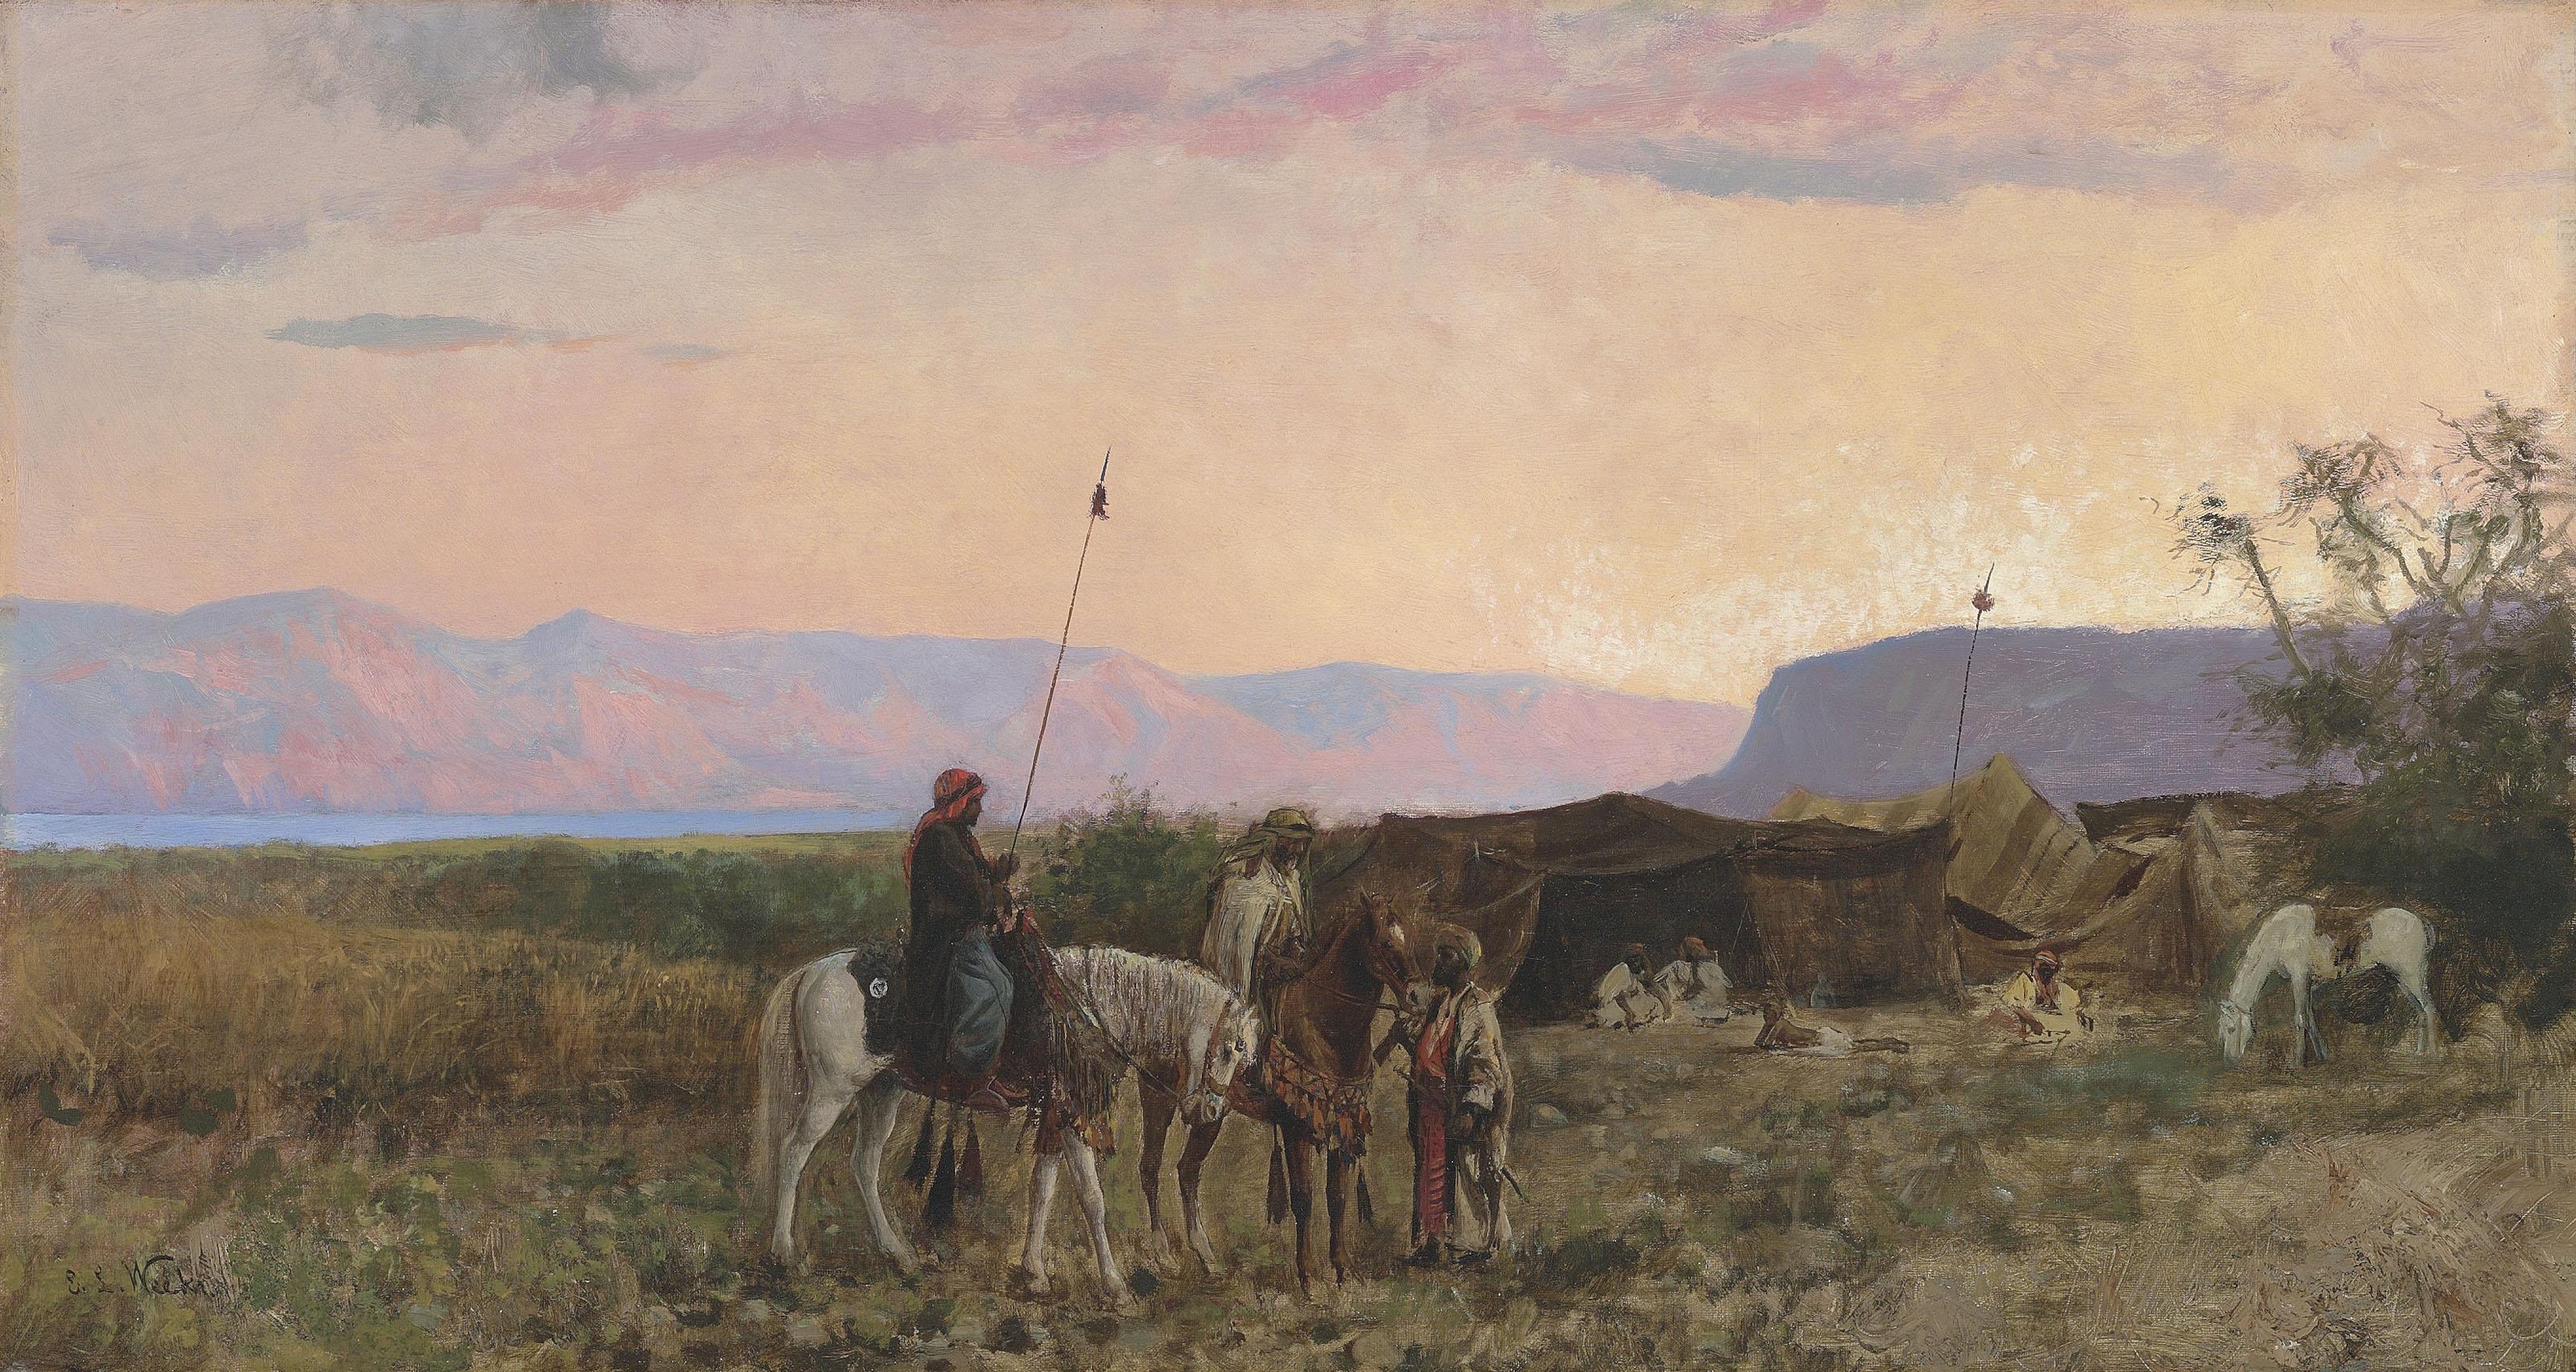 Edwin Lord Weeks (American, 18